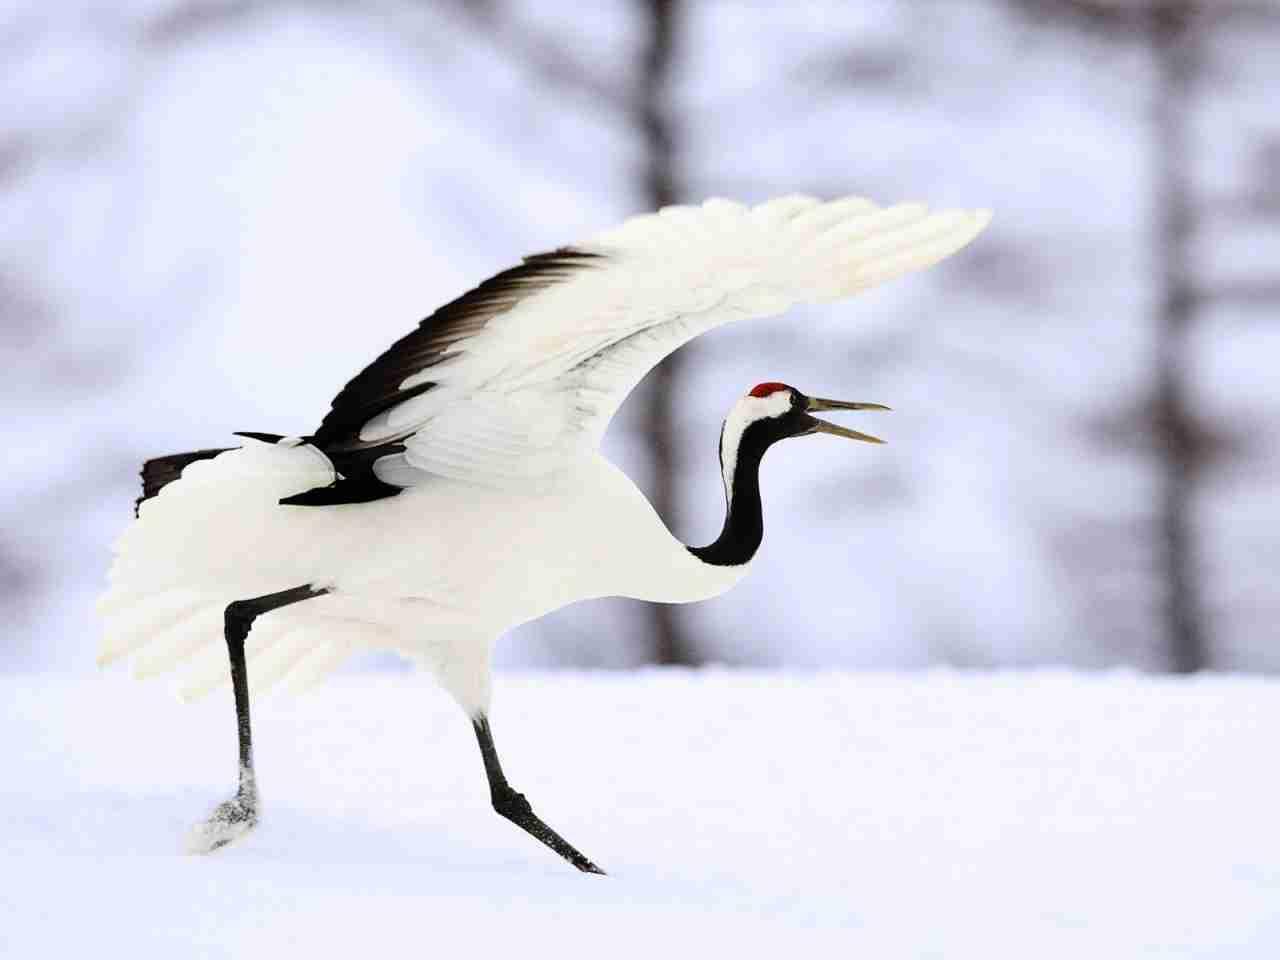 鶴のダンスの動物画像